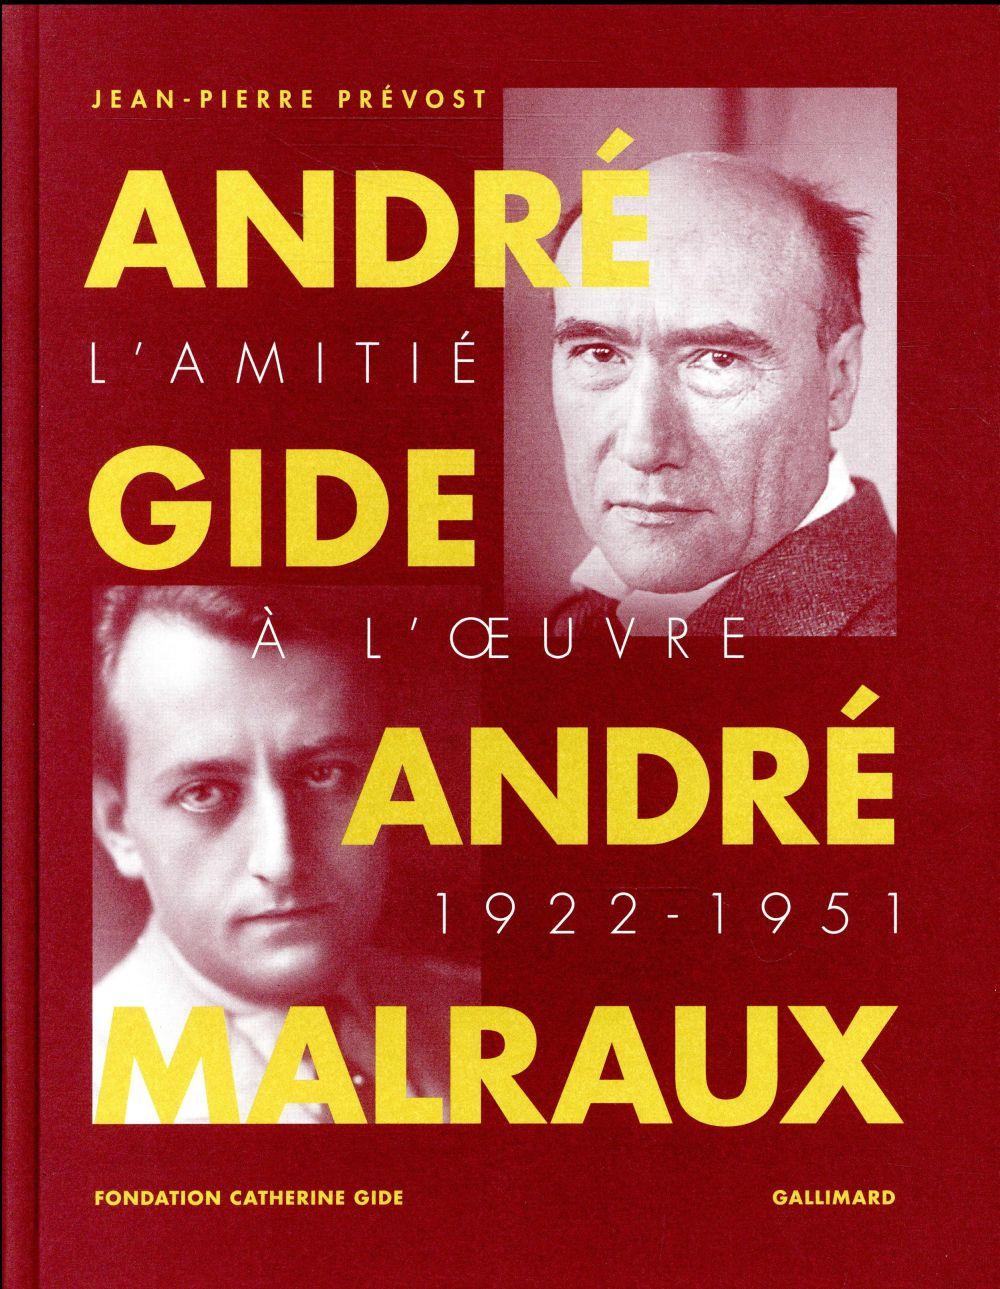 André Gide et André Malraux ; l'amitié à l'oeuvre (1922-1951)